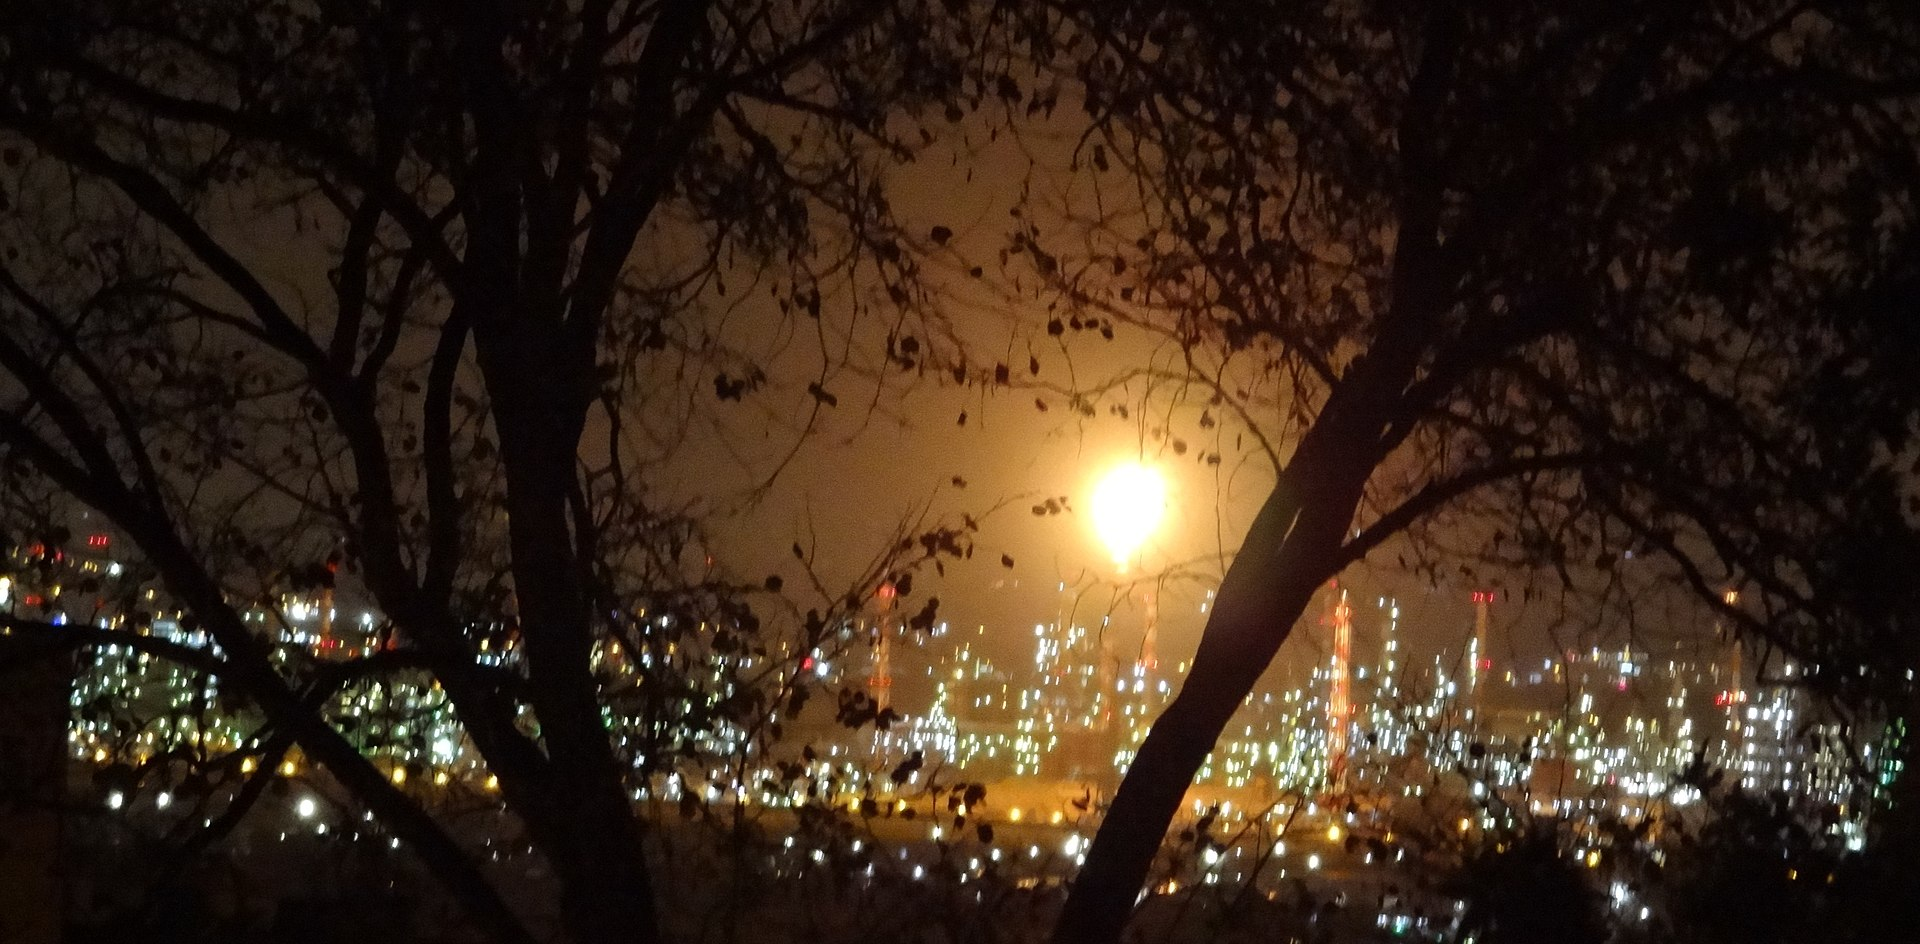 יש משהו מדאיג באוויר של חיפה